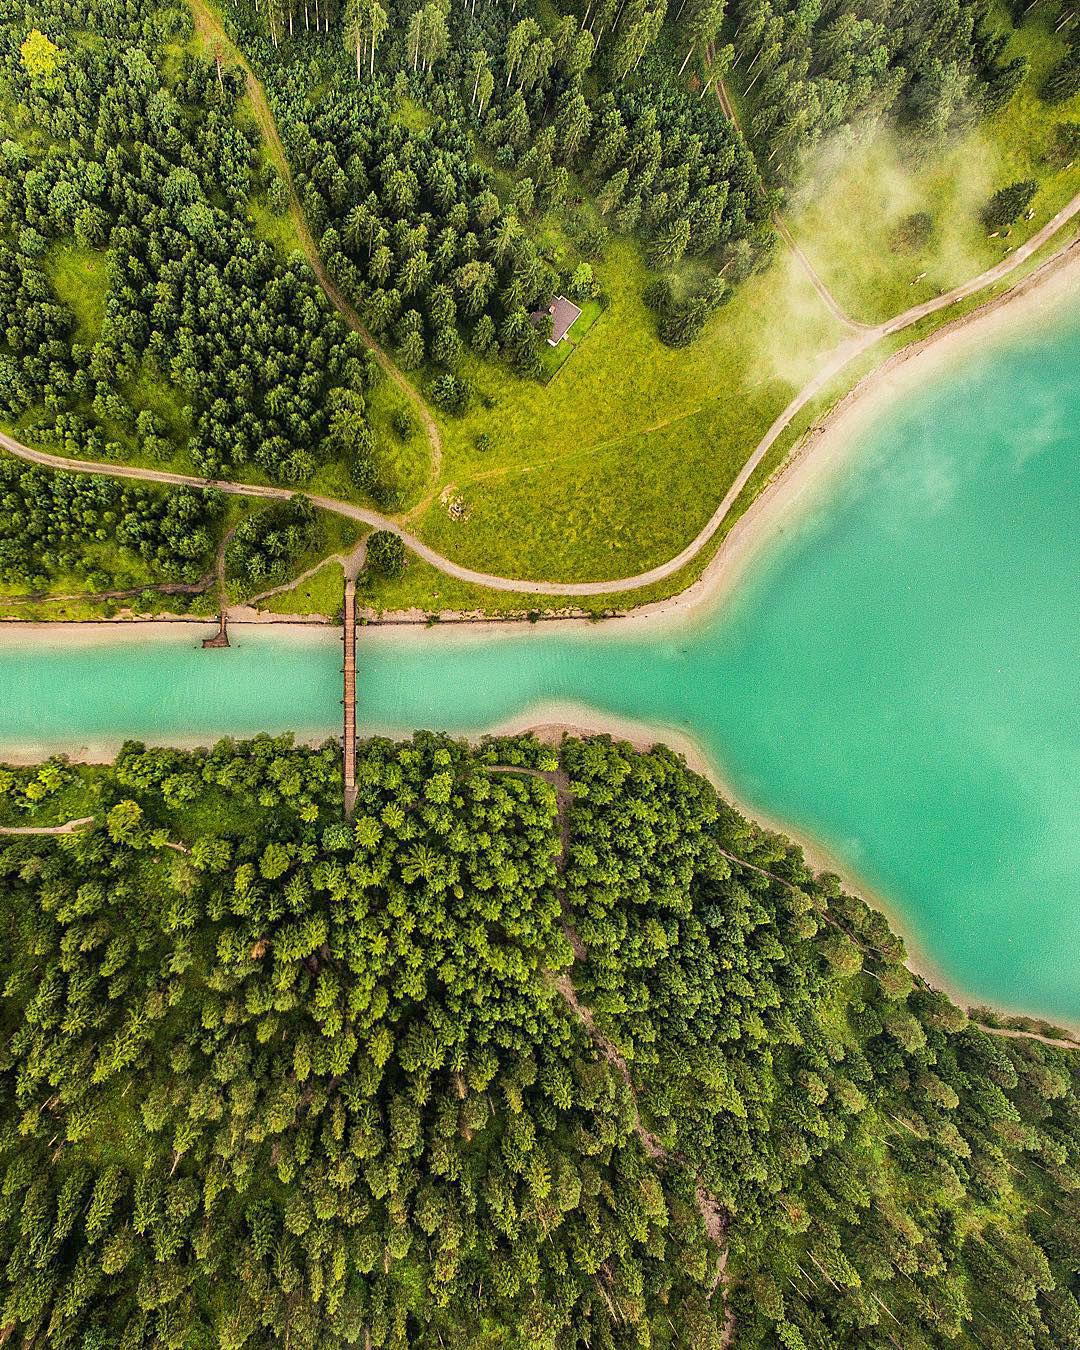 viaje alrededor del mundo con fotografías de paisajes surreales Jacob Riglin 003